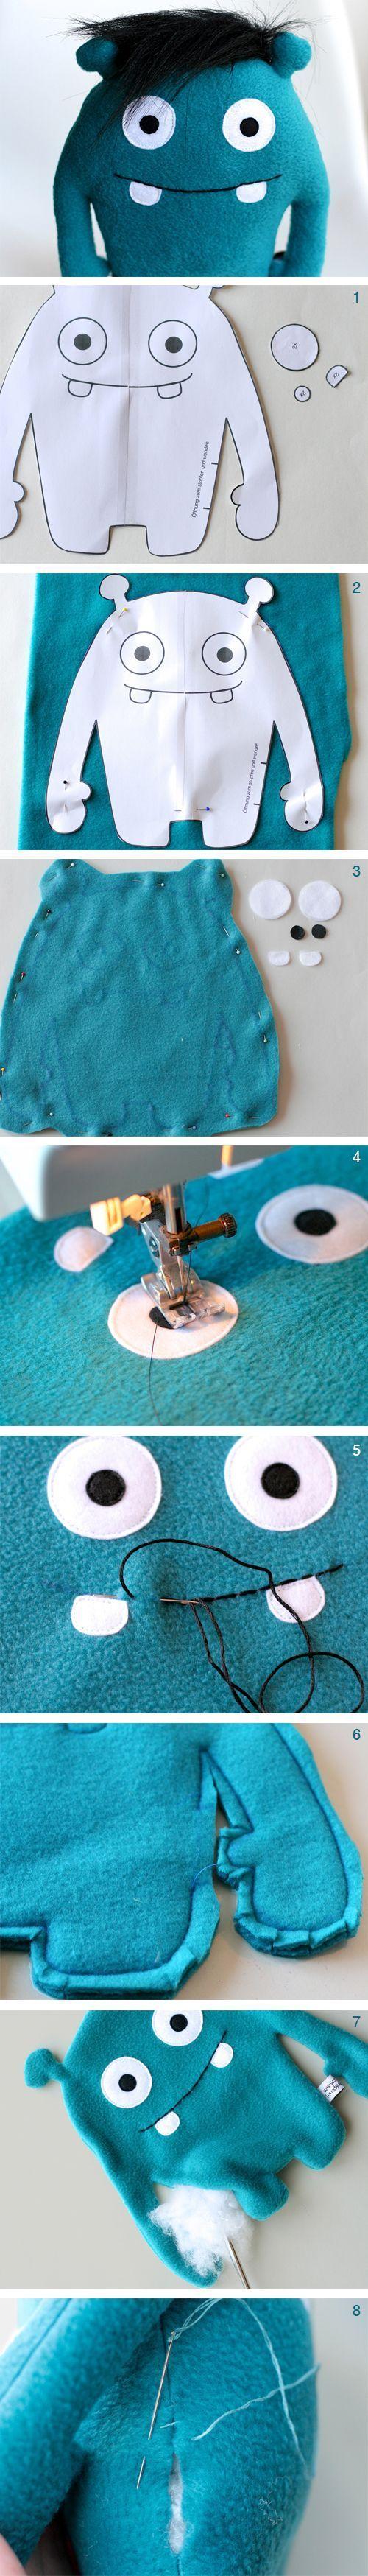 DIY-Nähanleitung für ein niedliches Monster aus Plüsch, Spielzeug selbermachen / diy sewing tutorial for a cuddly monster, gift idea via http://DaWanda.com